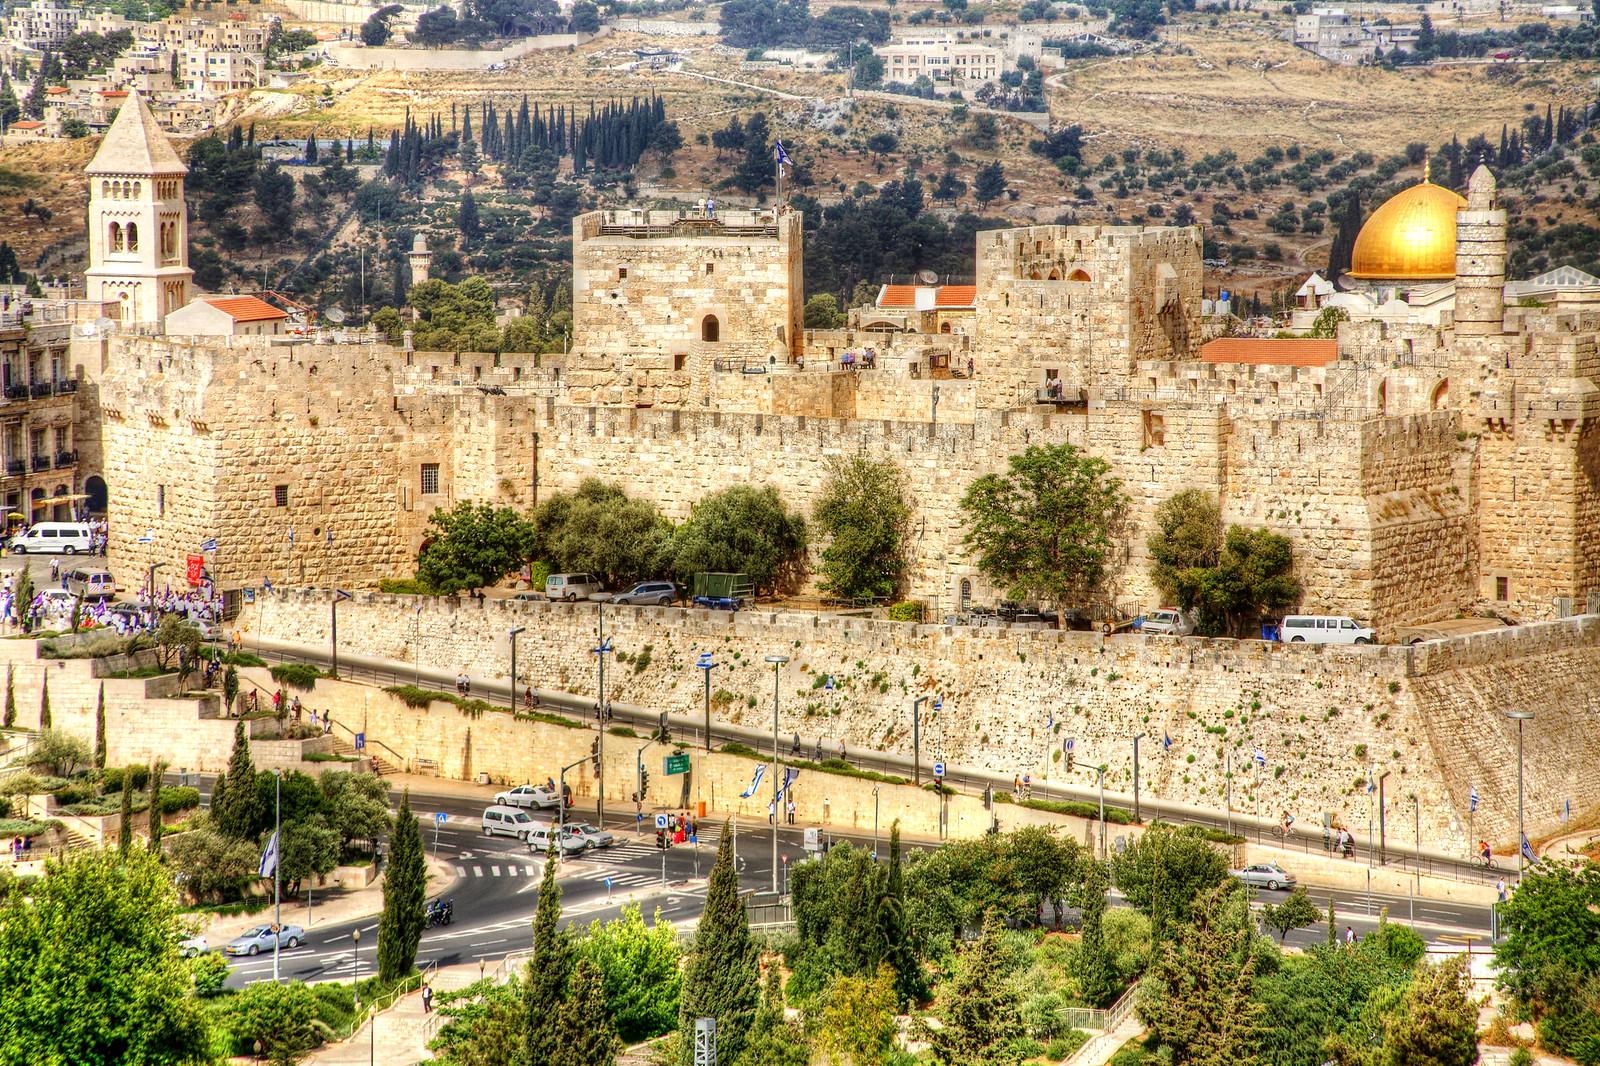 Jerusalem_Old City Walls_1_Noam Chen_Jerusalem